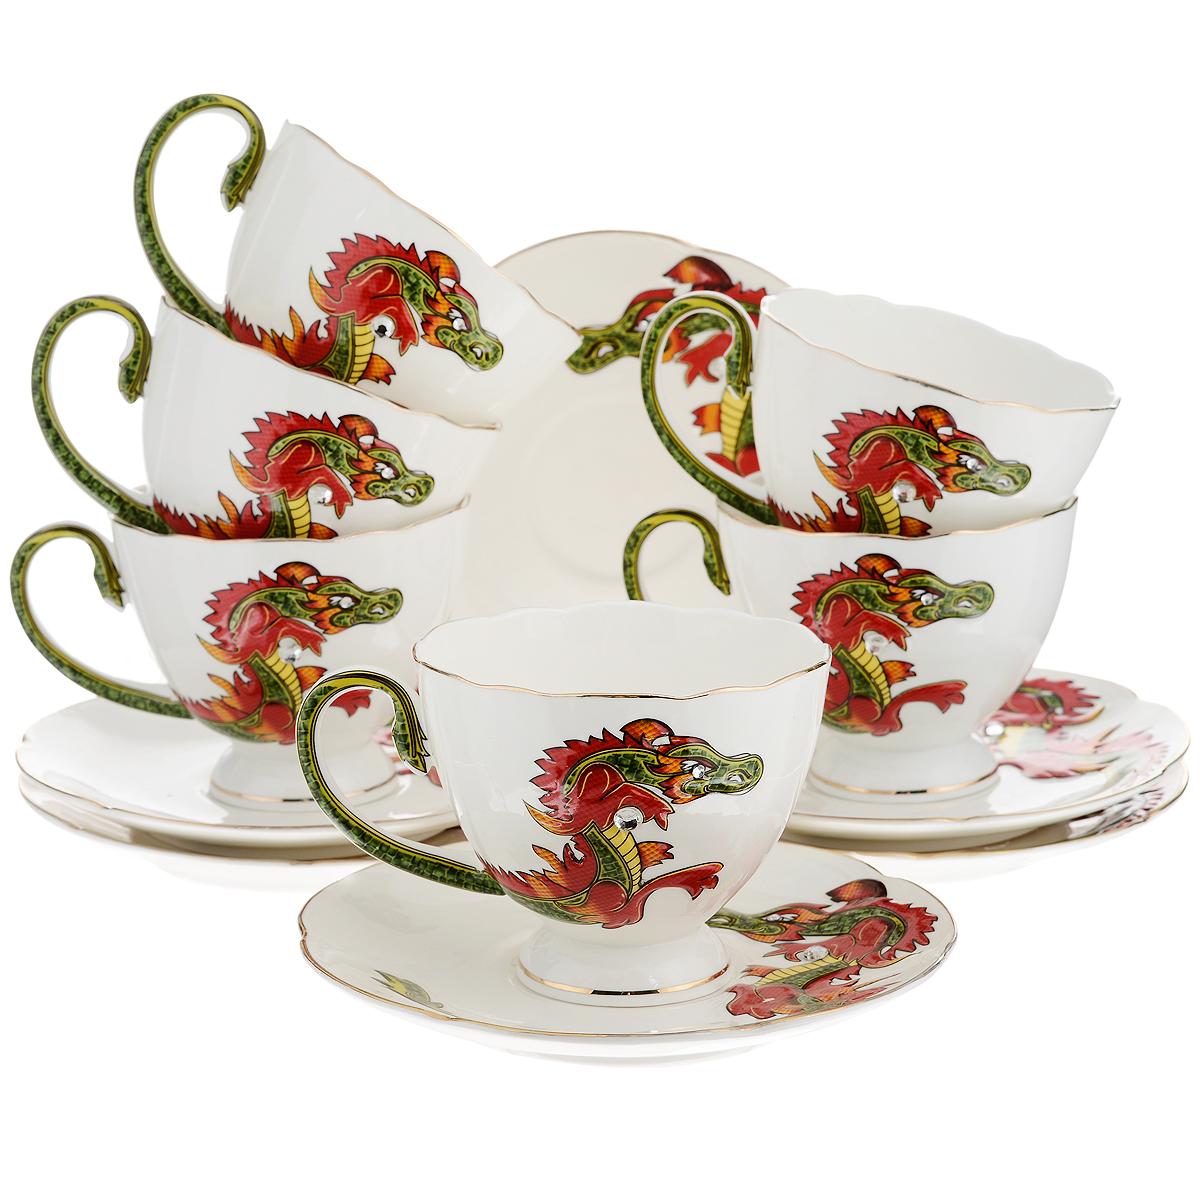 Набор чайный Briswild Яркий дракон, 12 предметов595-069Чайный набор Briswild Яркий дракон, выполненный из высококачественного фарфора, состоит из 6 чашек и 6 блюдец. Изделия оформлены золотой каемкой и изображением дракона со стразами. Элегантный дизайн и совершенные формы предметов набора привлекут к себе внимание и украсят интерьер вашей кухни. Чайный набор Briswild Яркий дракон идеально подойдет для сервировки стола и станет отличным подарком к любому празднику.Чайный набор упакован в подарочную коробку. Не использовать в микроволновой печи. Не применять абразивные чистящие вещества.